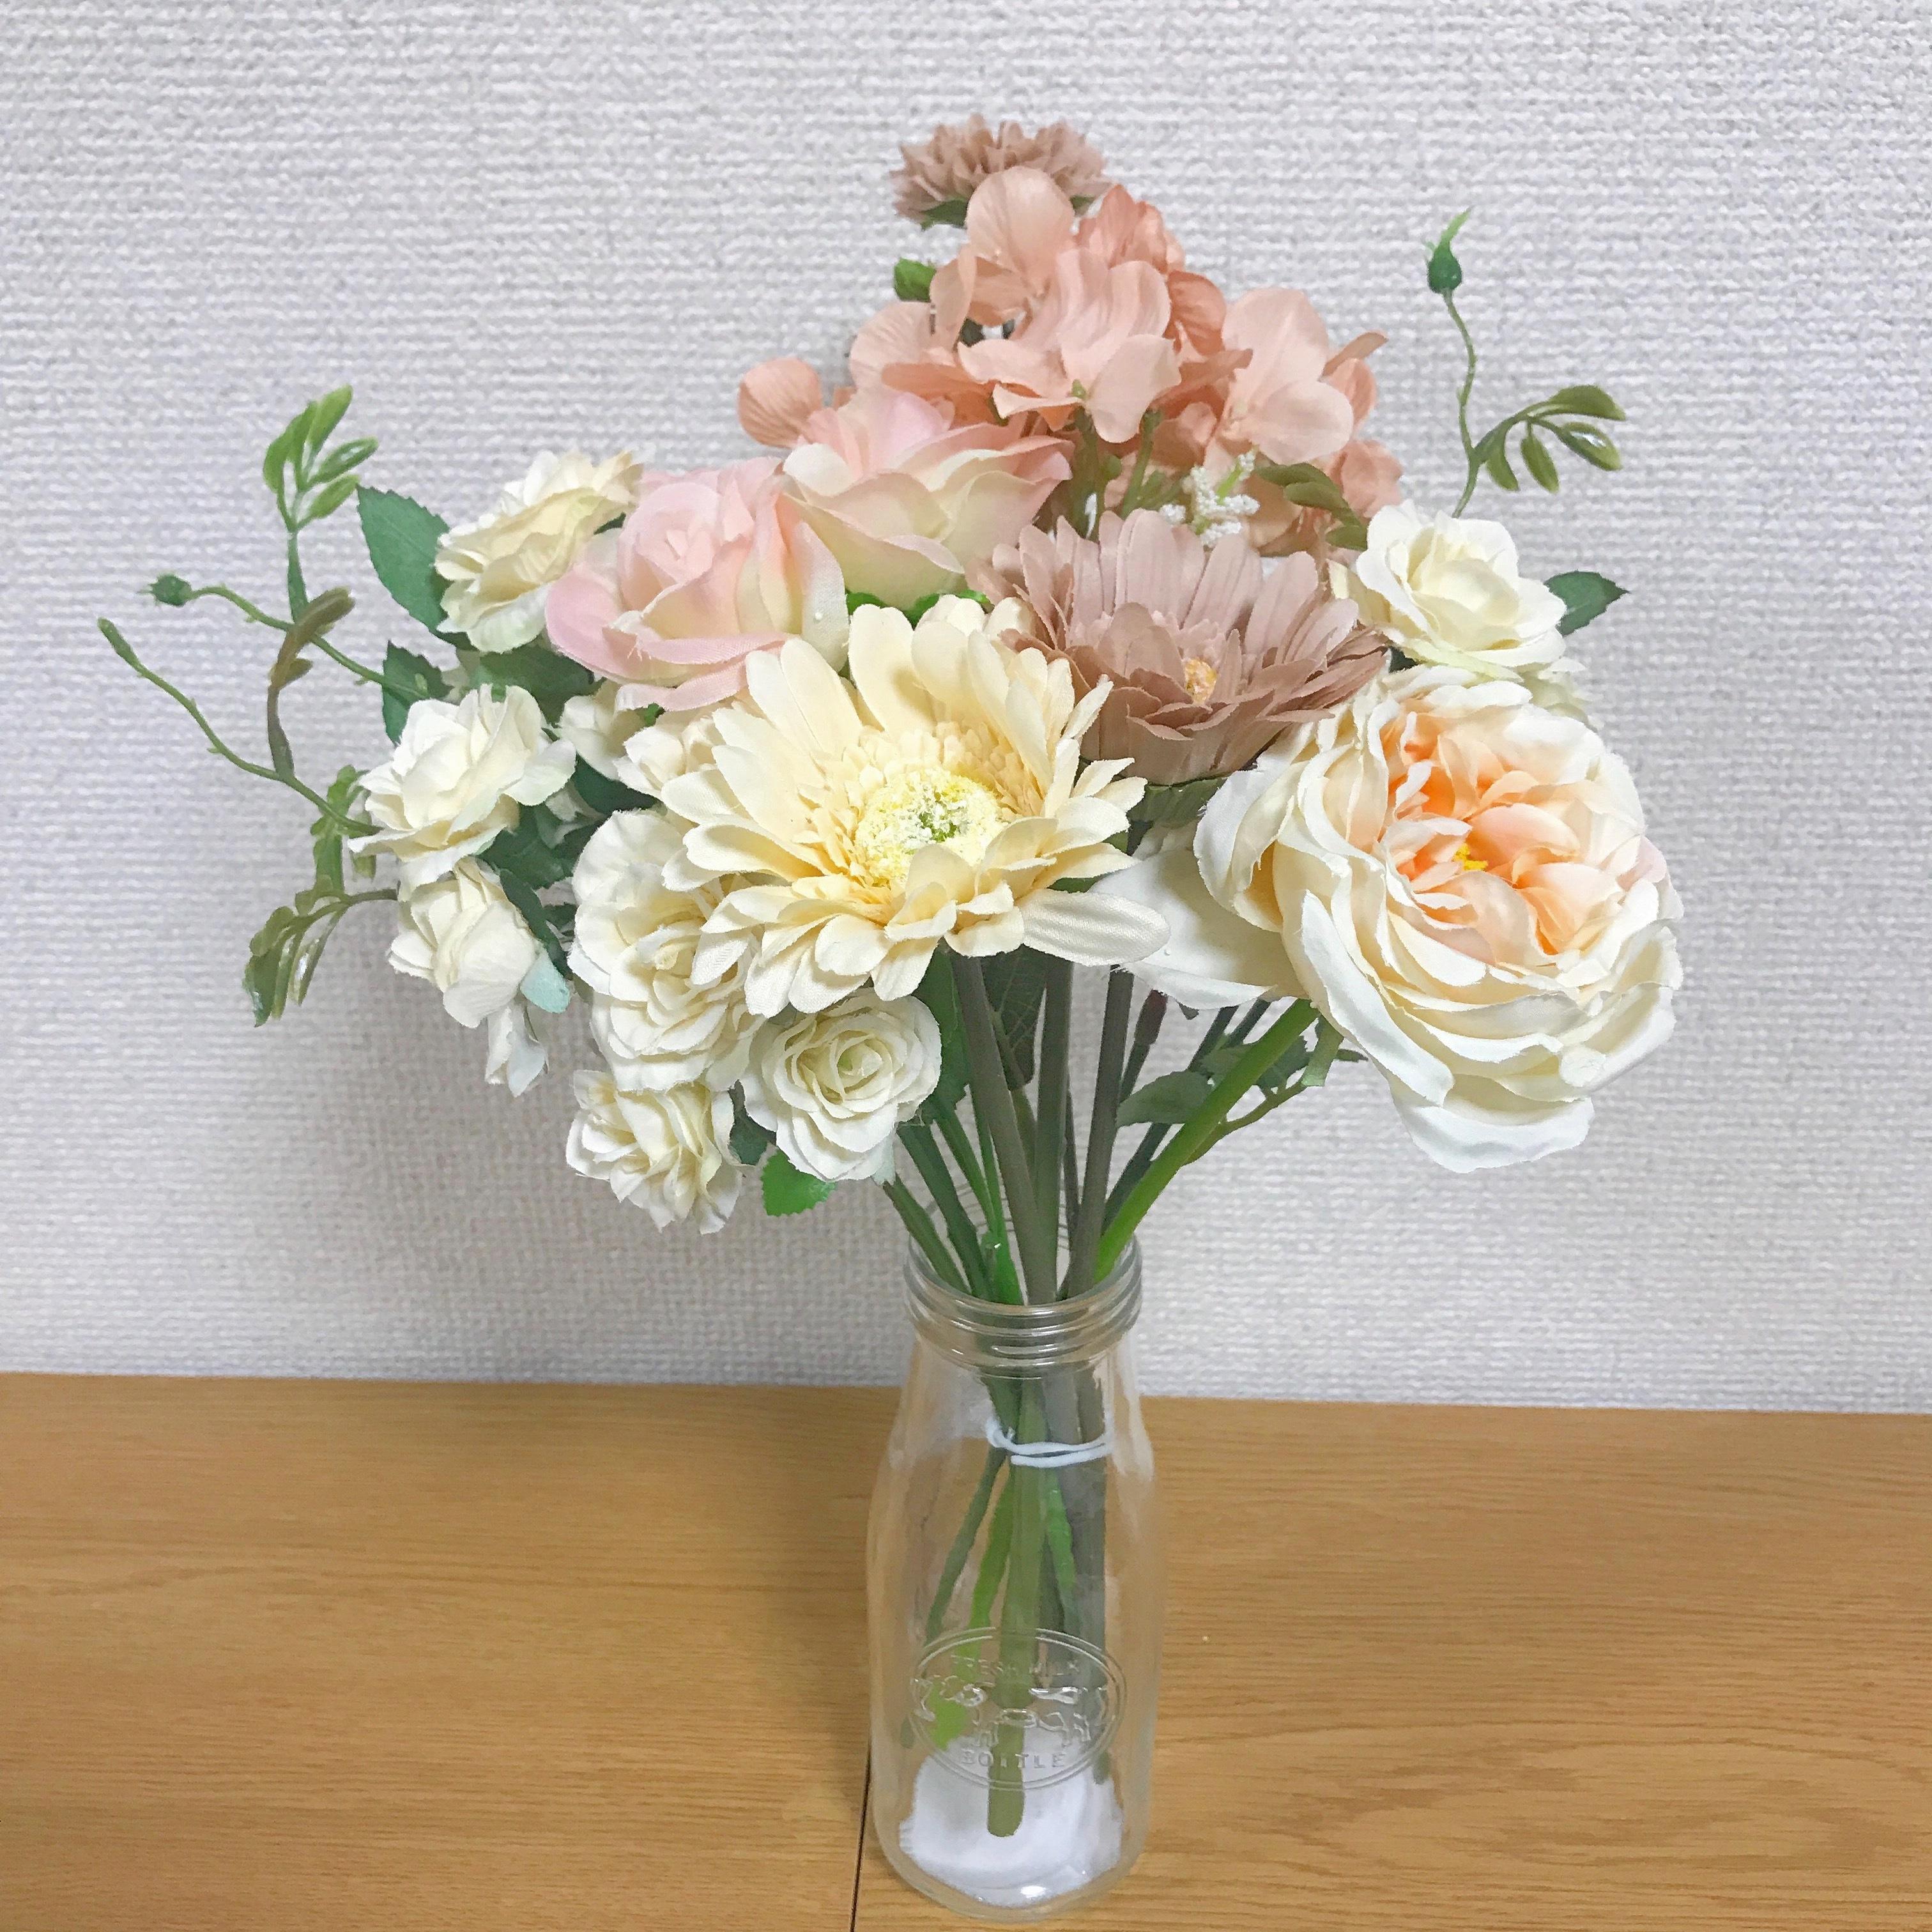 100均のお花でお洒落な部屋に❤︎_1_1